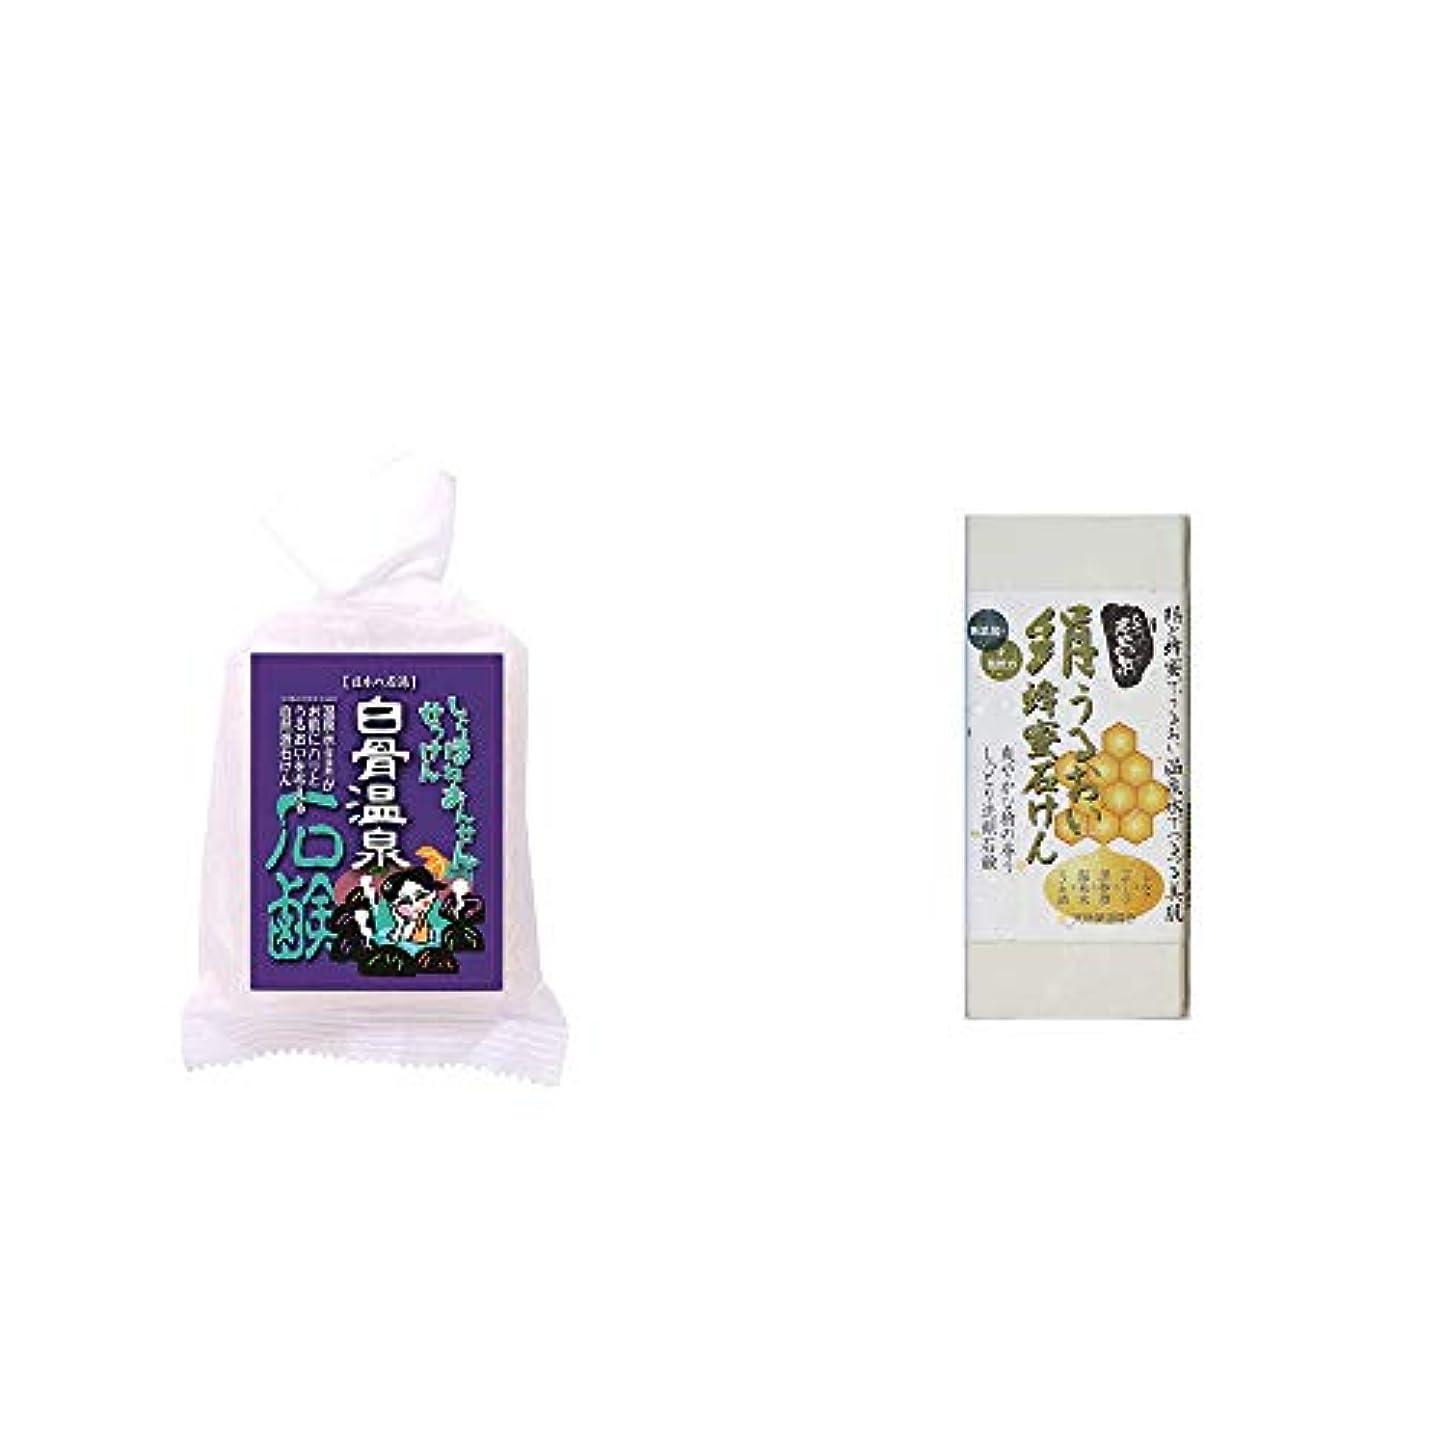 段落退化するメニュー[2点セット] 信州 白骨温泉石鹸(80g)?ひのき炭黒泉 絹うるおい蜂蜜石けん(75g×2)